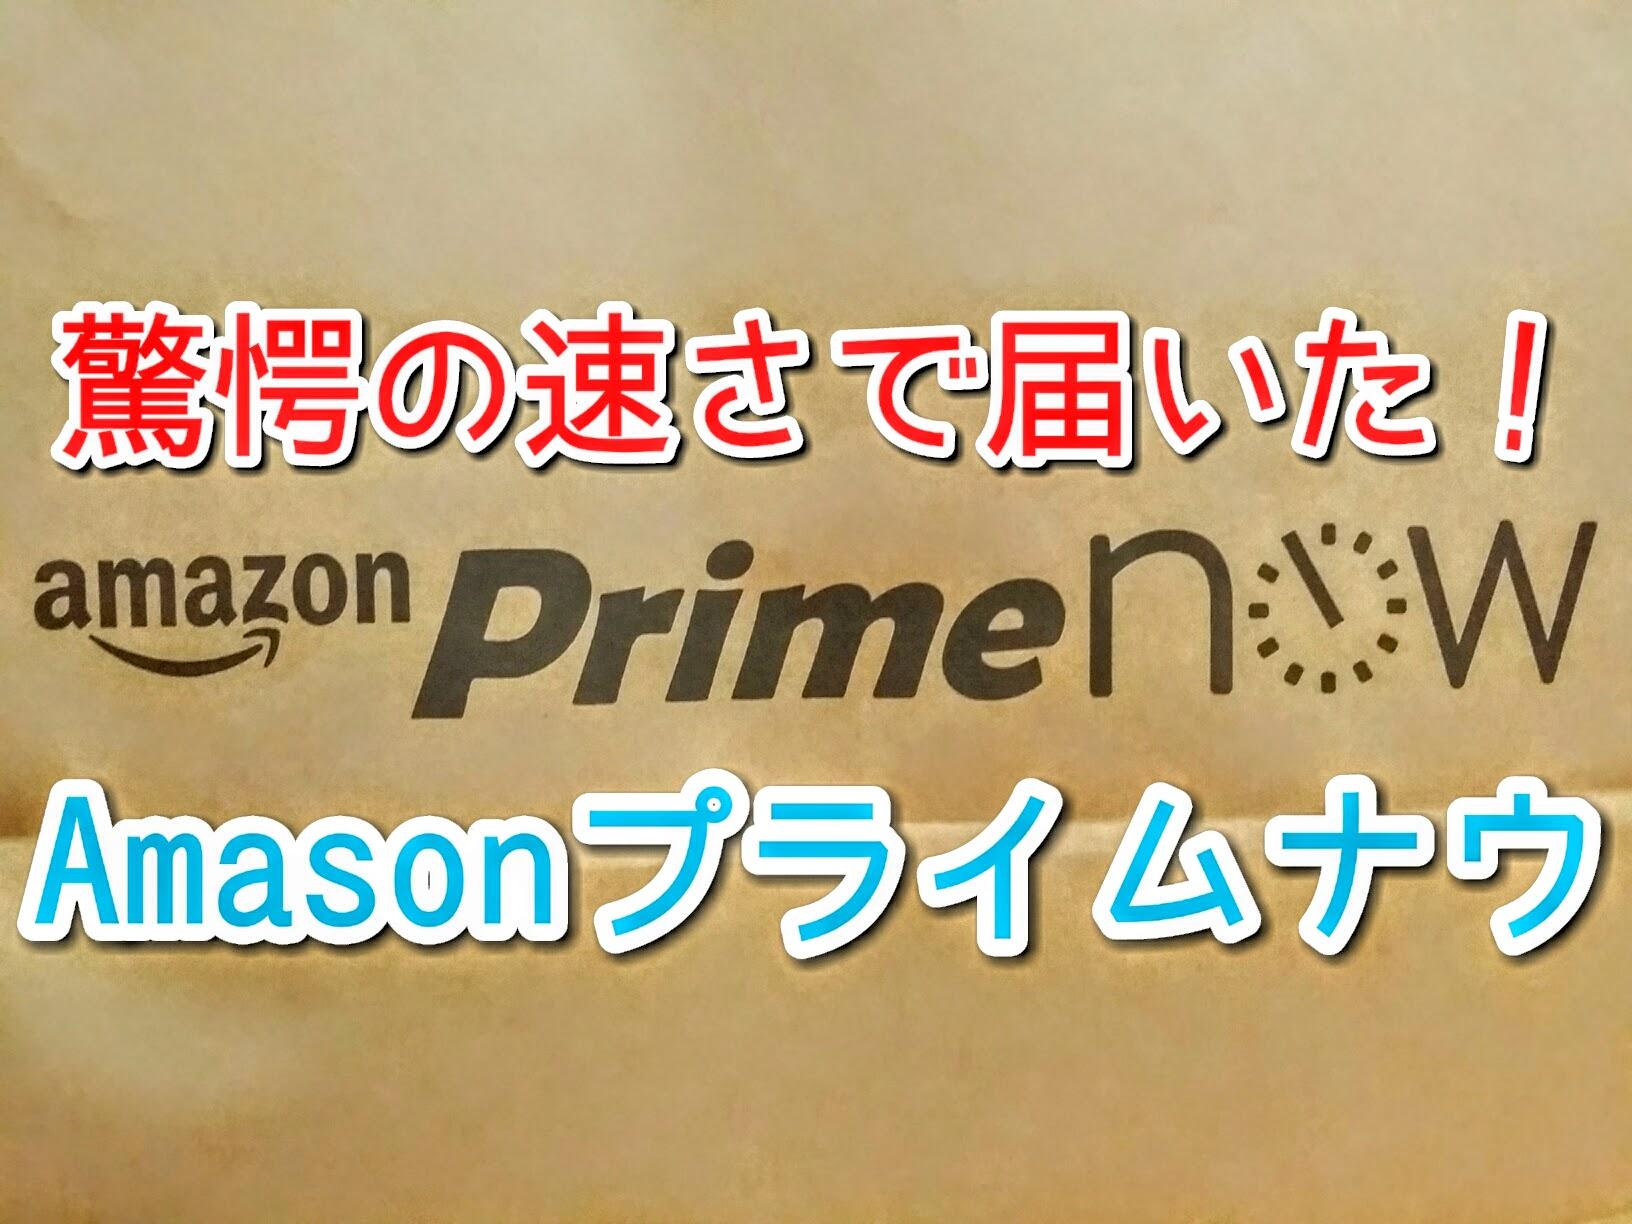 Amazon Prime Nowプライムナウ